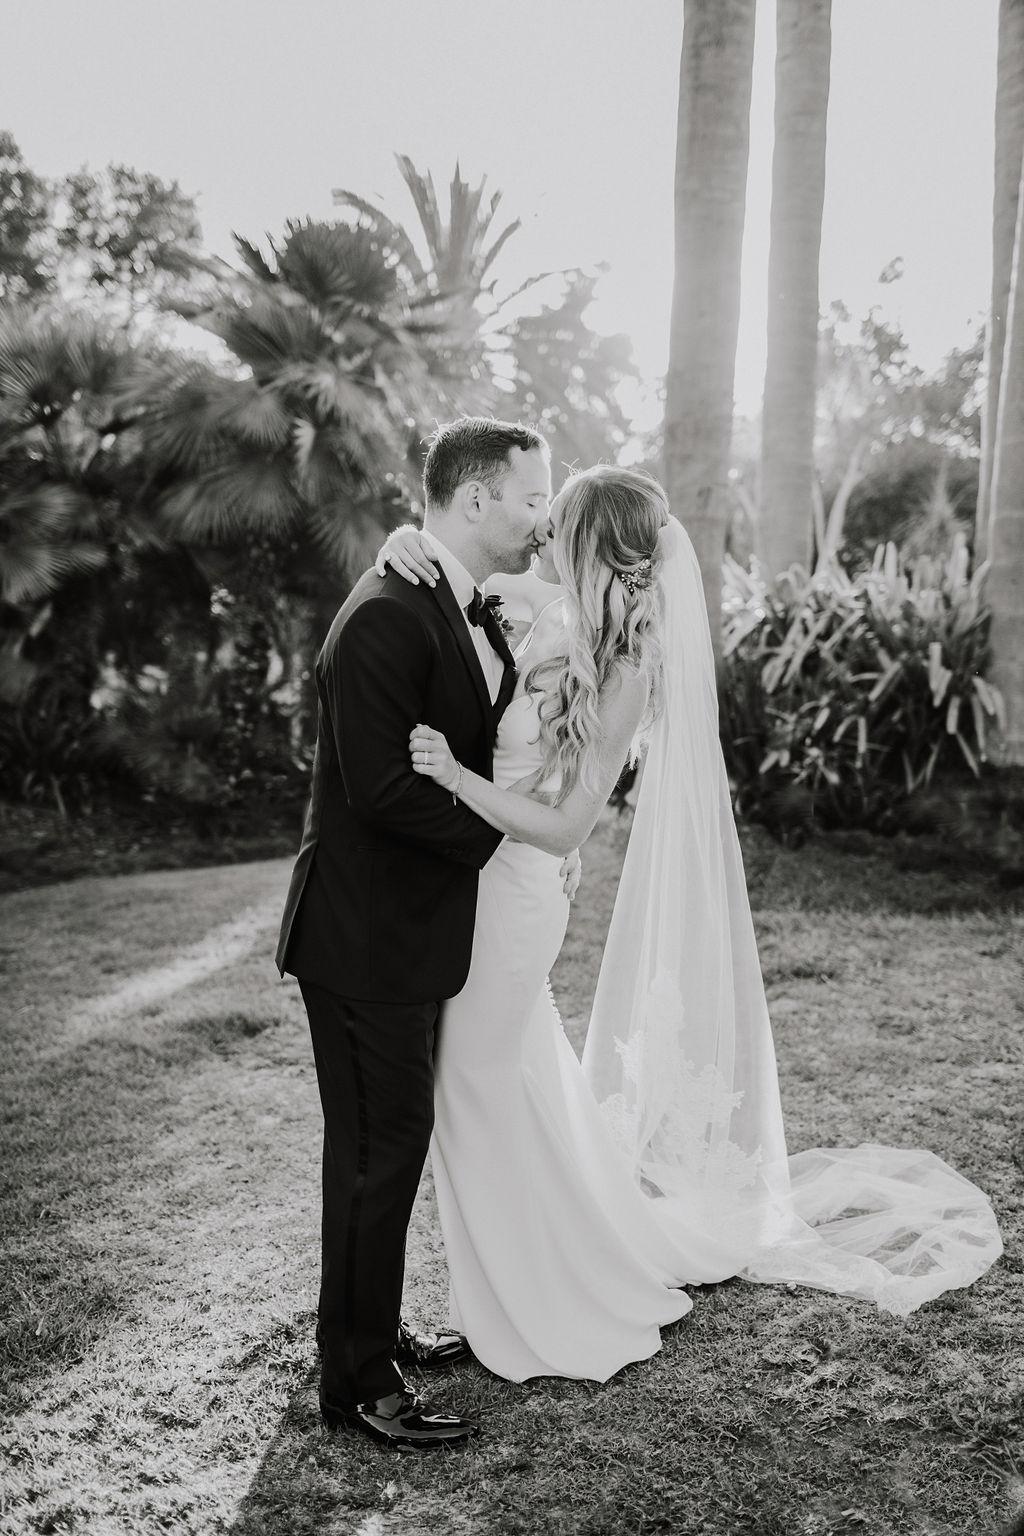 katieandjoey-married-teasers-16-102.jpg